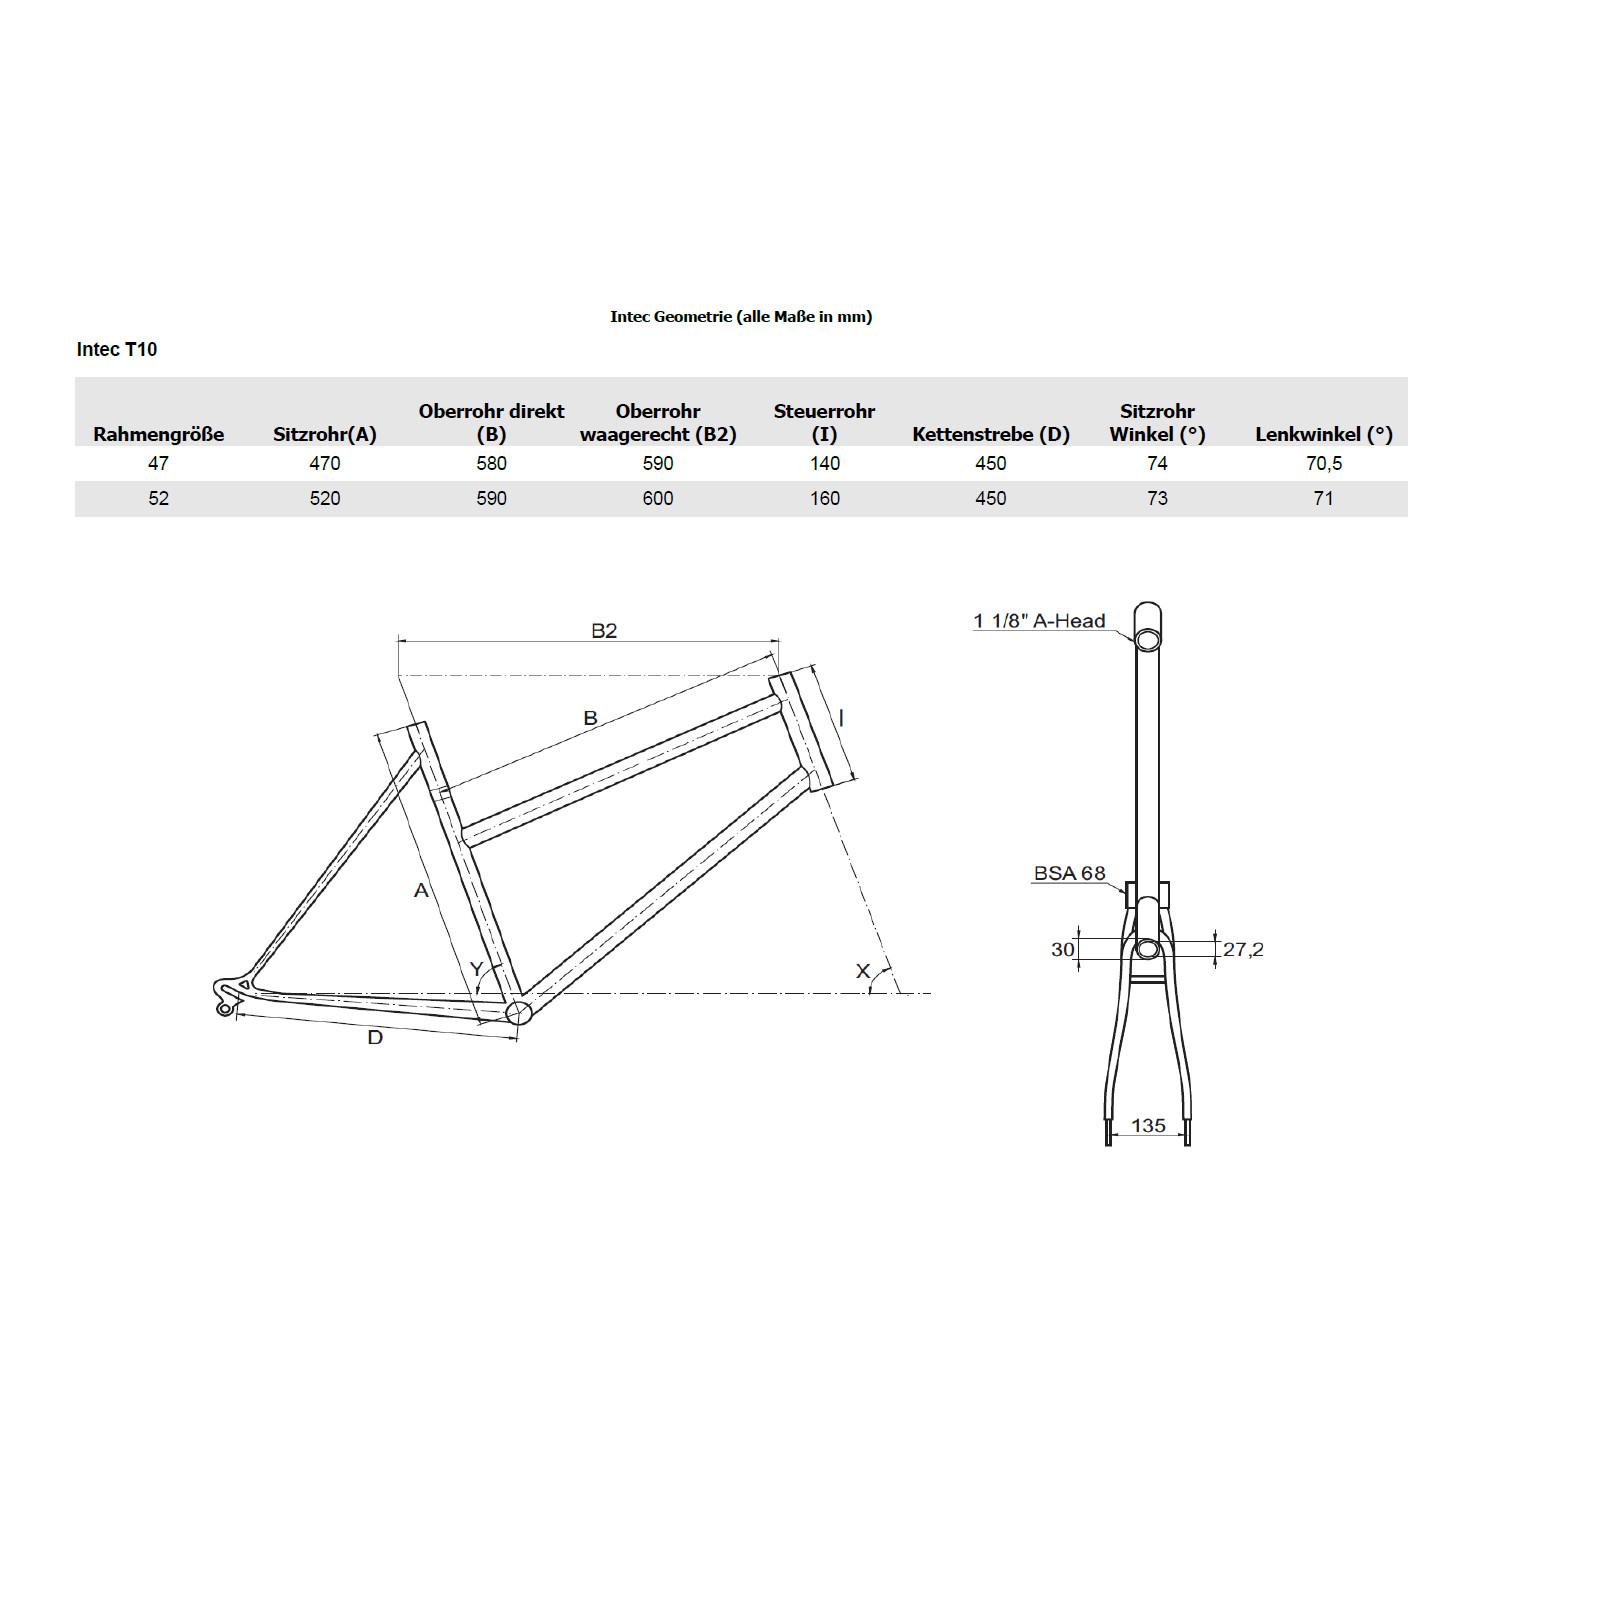 Intec Trekkingrahmen T10 Canti Rohloff/Riemen